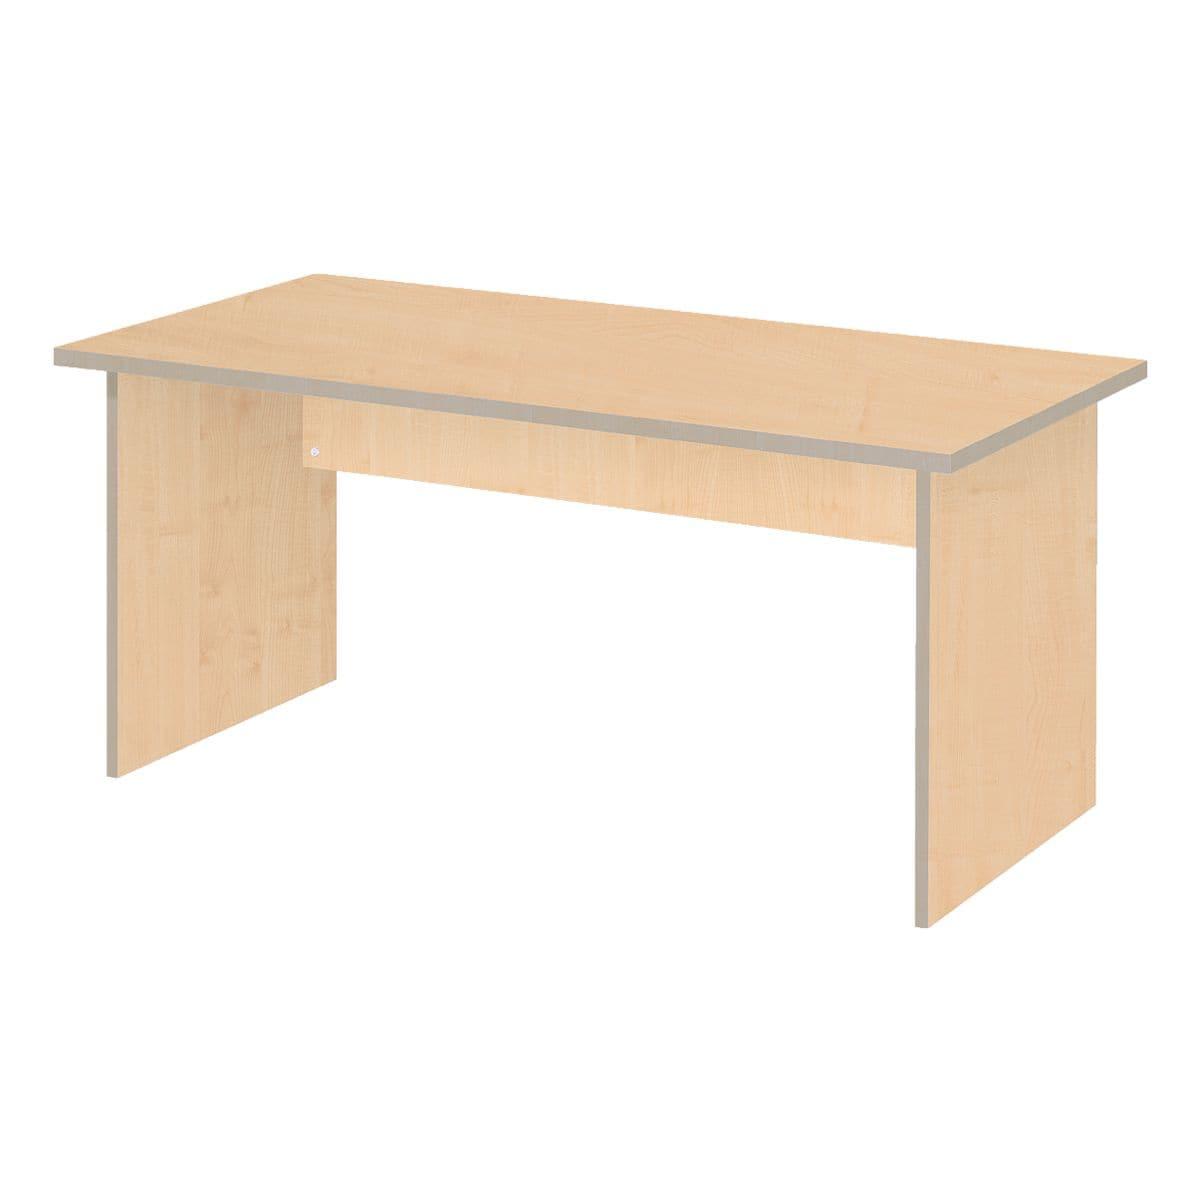 Bureau tool 160 cm vol onderstel esdoorn voordelig bij for Bureau 160 cm